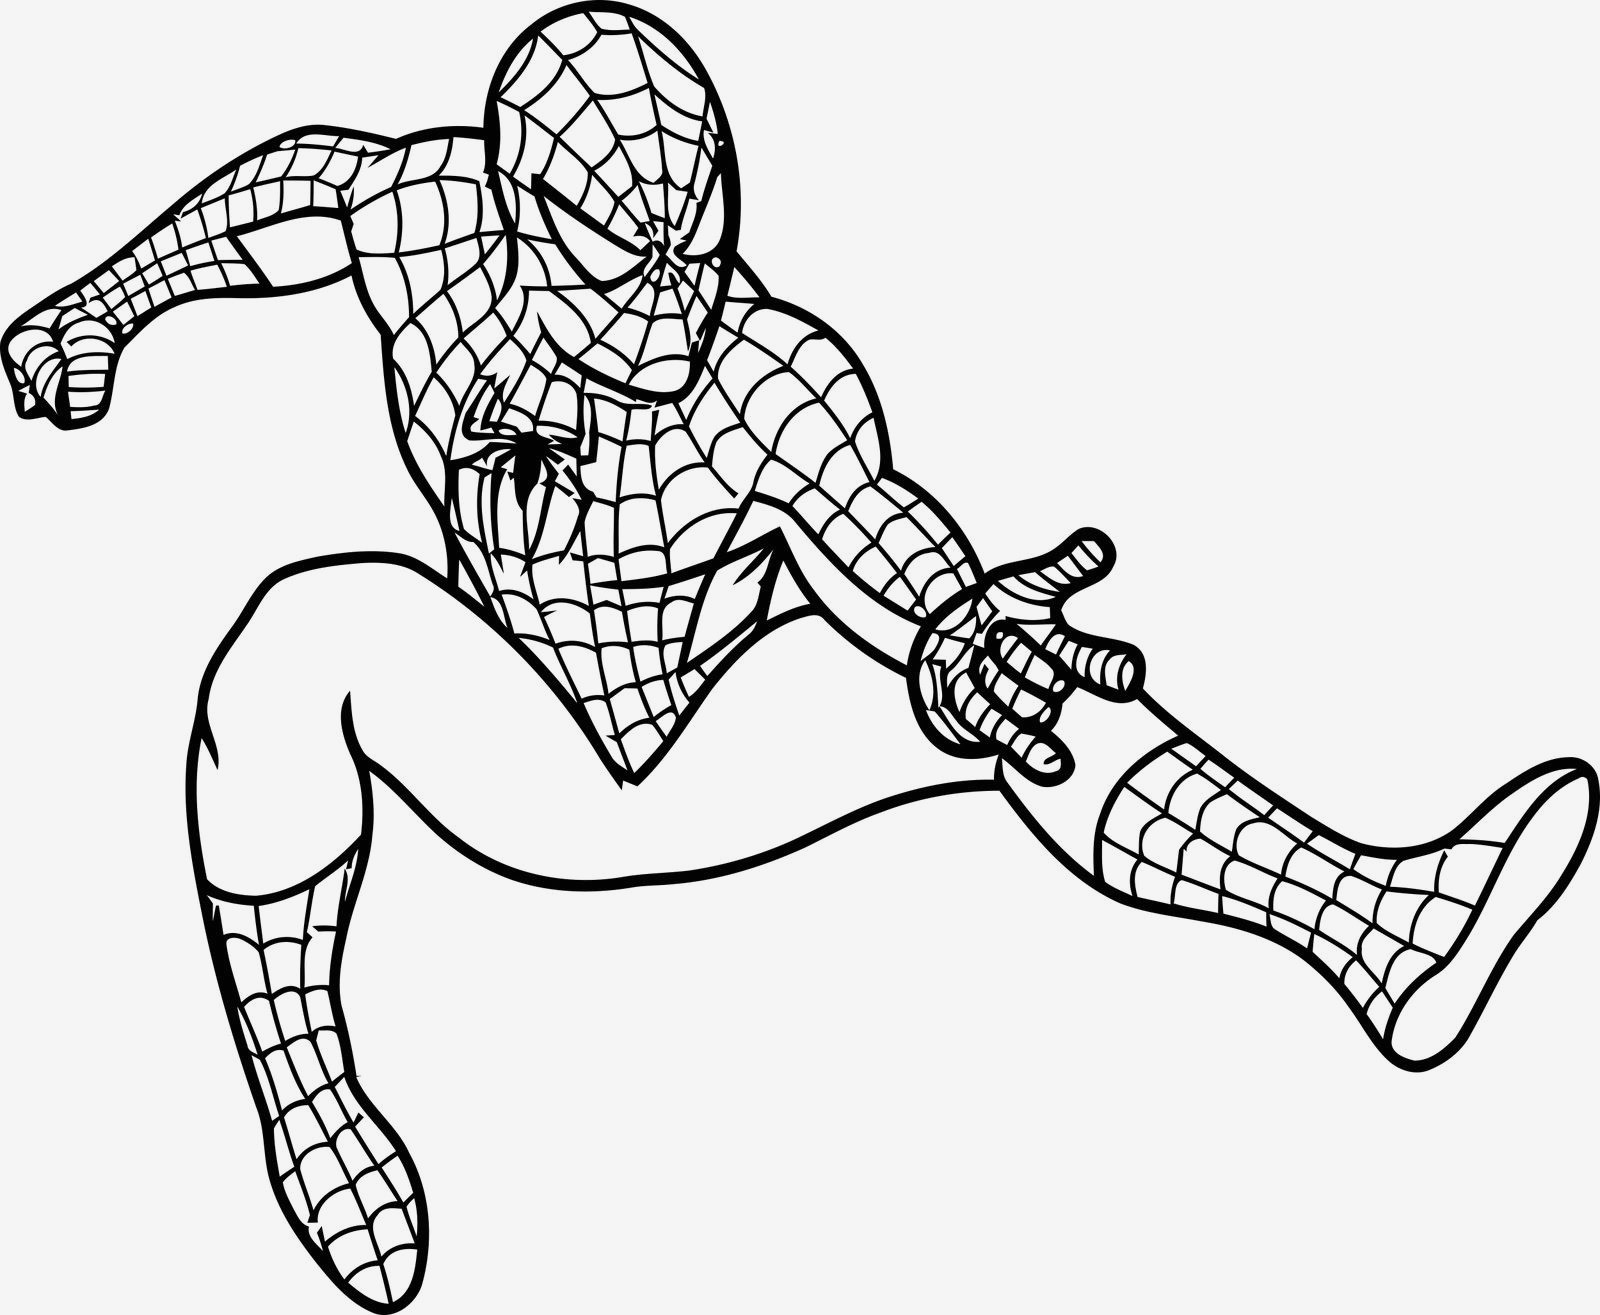 Spiderman Bilder Zum Ausmalen Einzigartig Bilder Zum Ausmalen Bekommen Ausmalbilder Spiderman Elegant Bilder